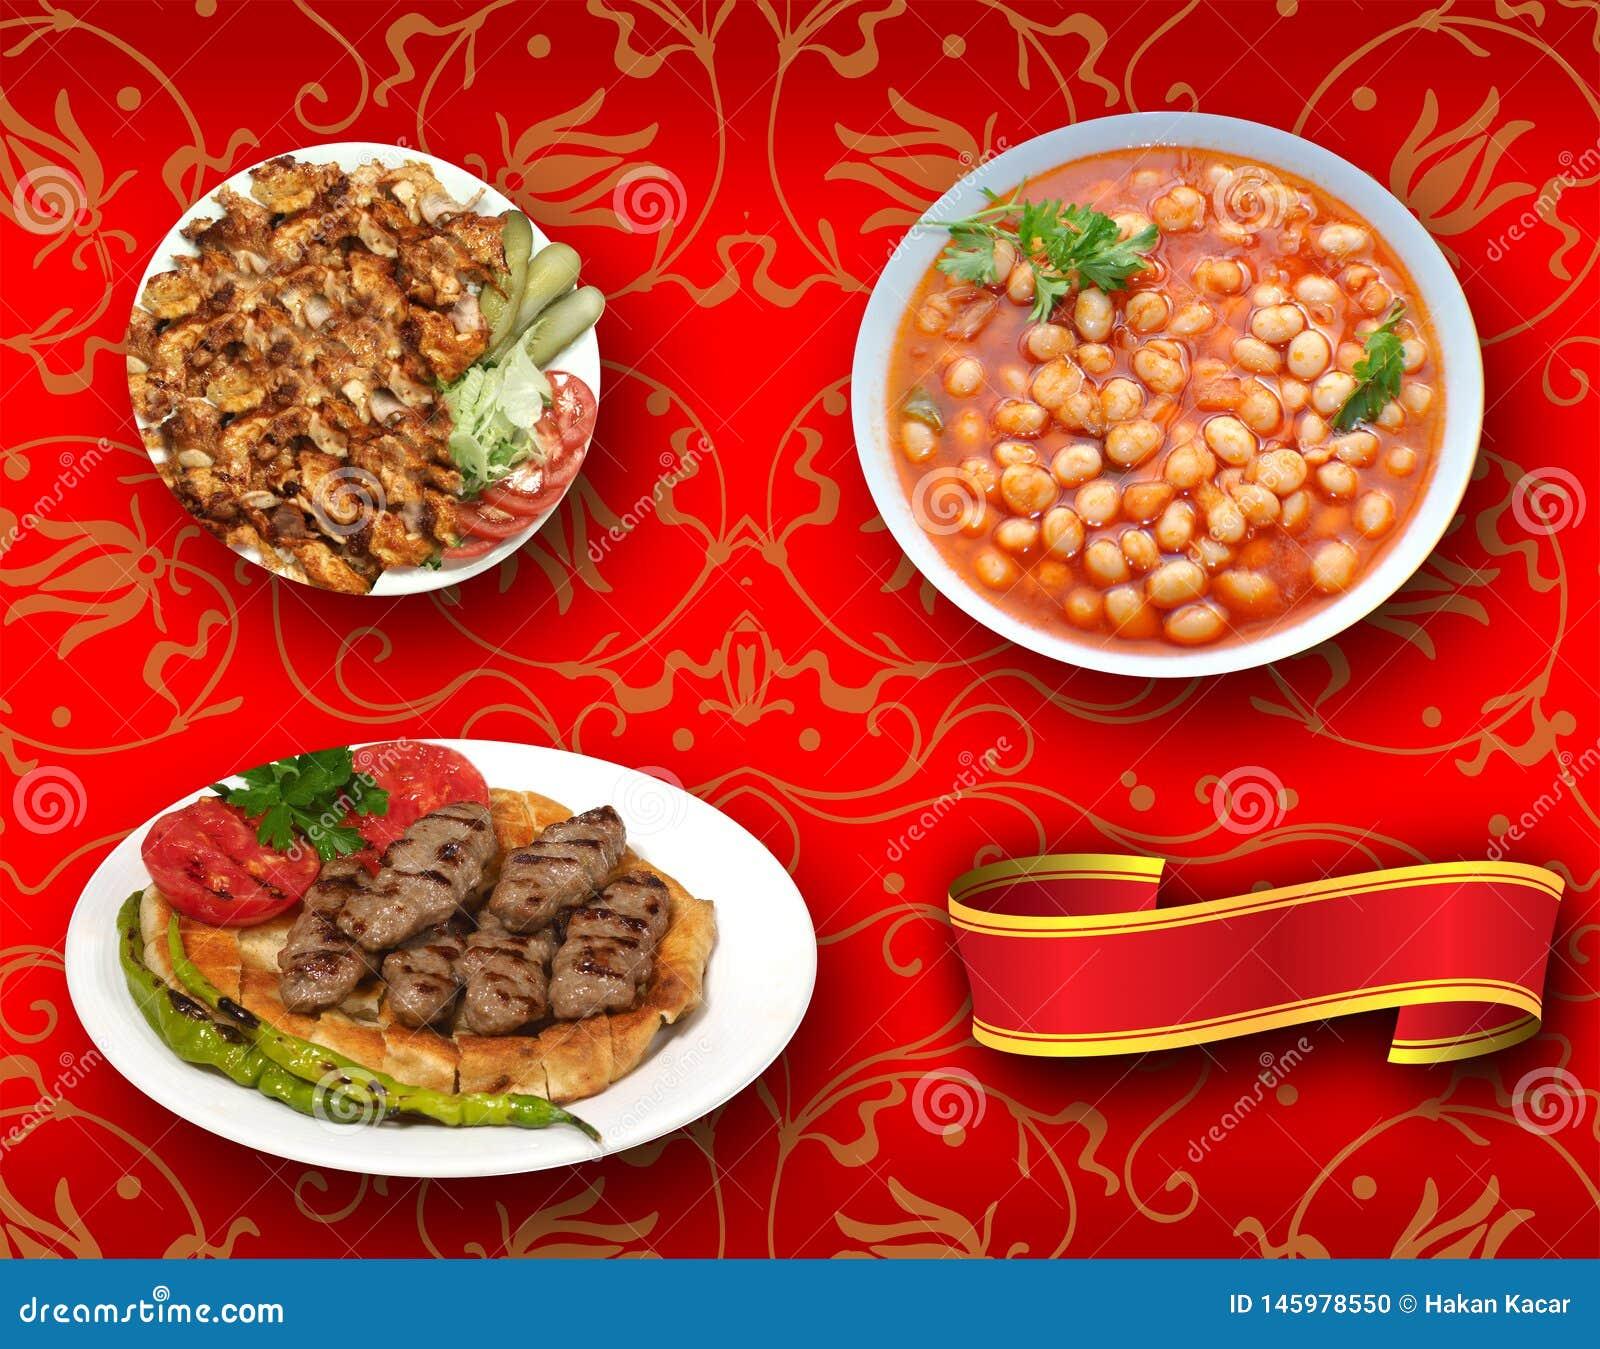 Gli alimenti turchi, turco parlano: yemekleri del rk del ¼ del tÃ, doner, fasulye di kuru, kofte di pideli